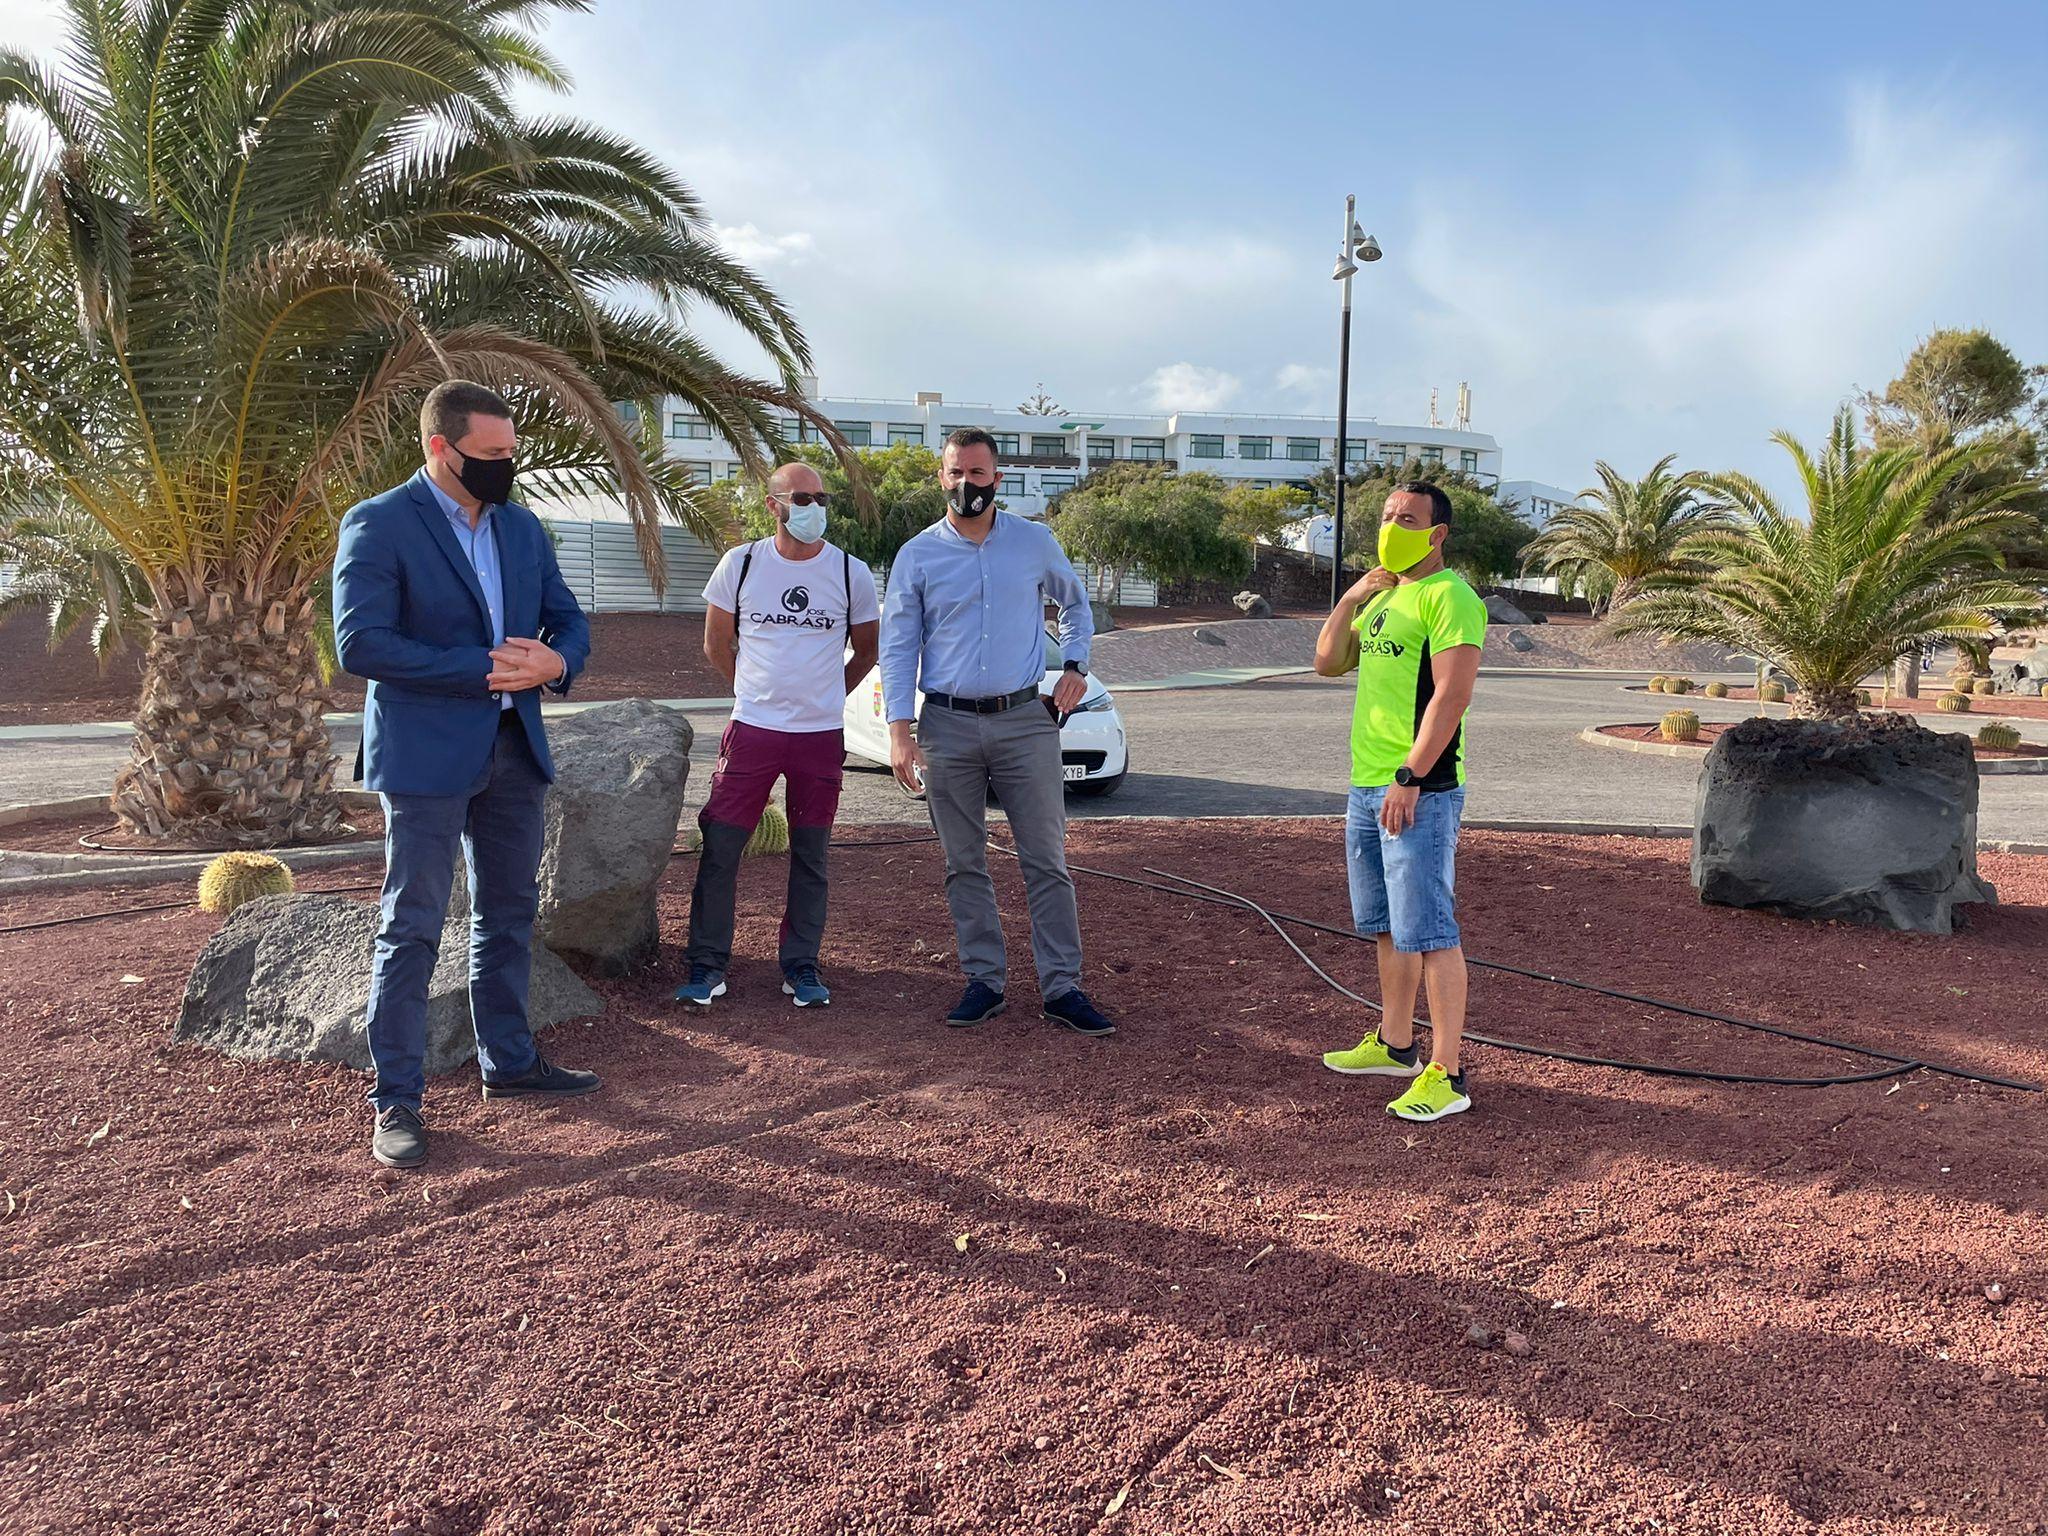 Yaiza contrata la instalación de un rocódromo de escalada en el Parque del Mediterráneo